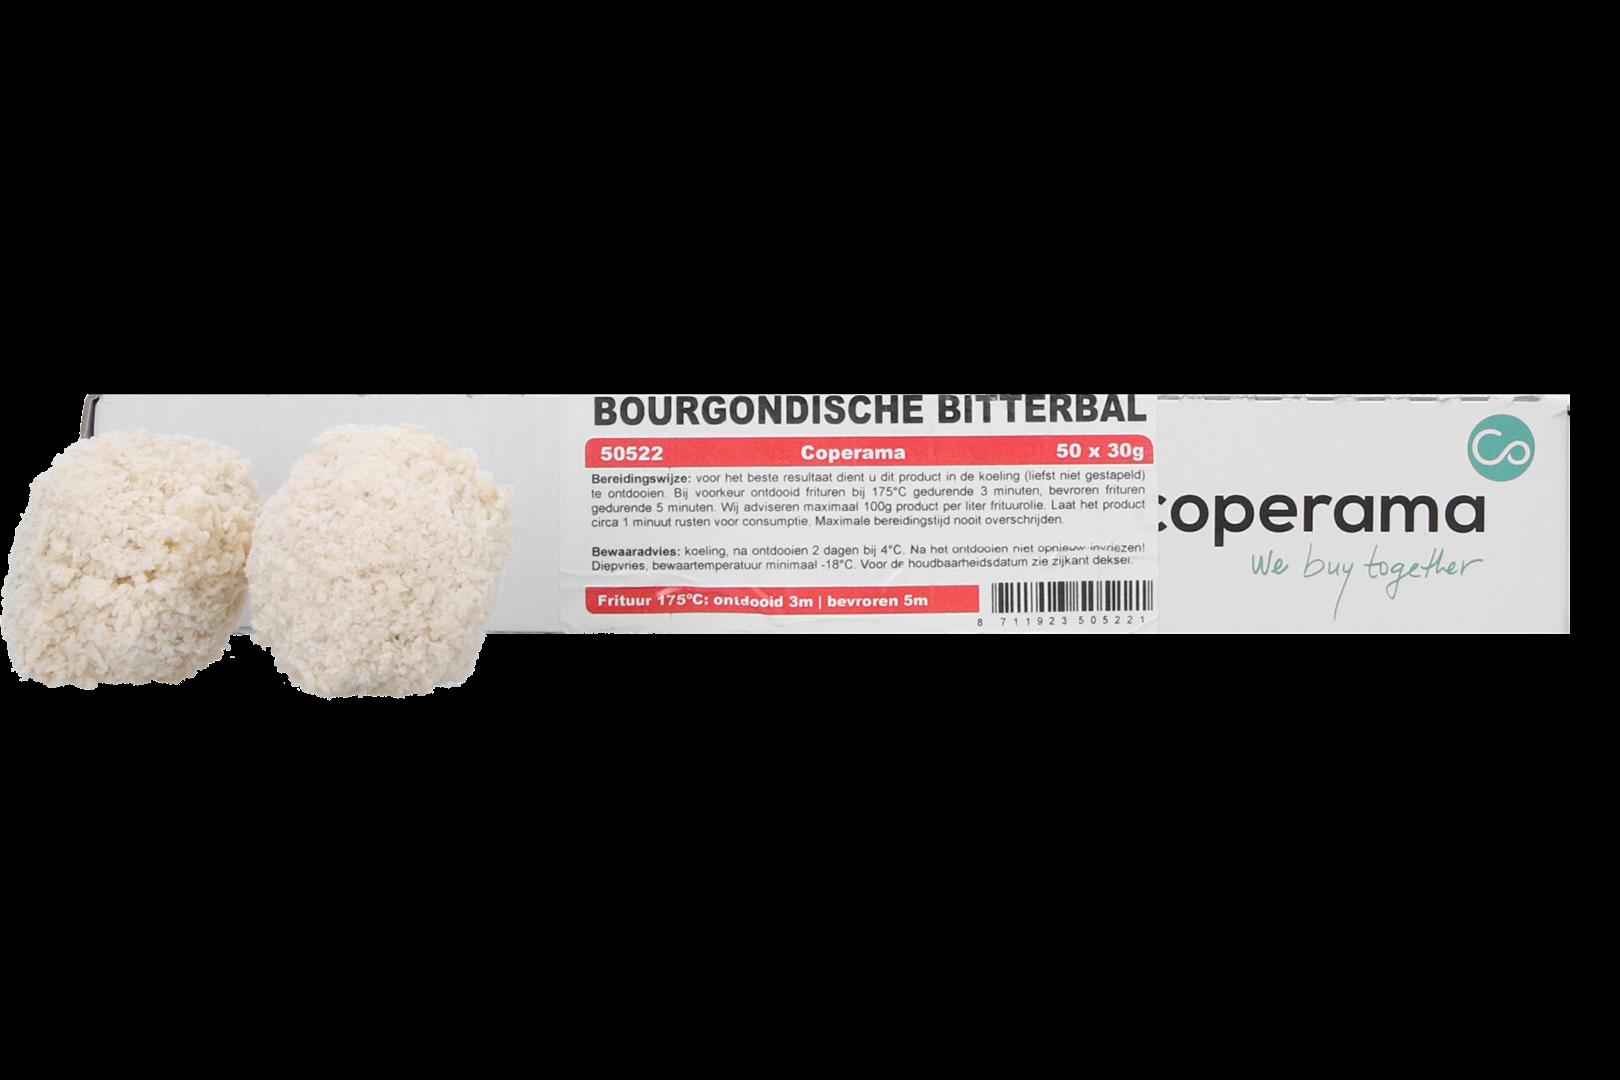 Productafbeelding UNBRANDED BITTERBAL RU BOURGONDISCH doos